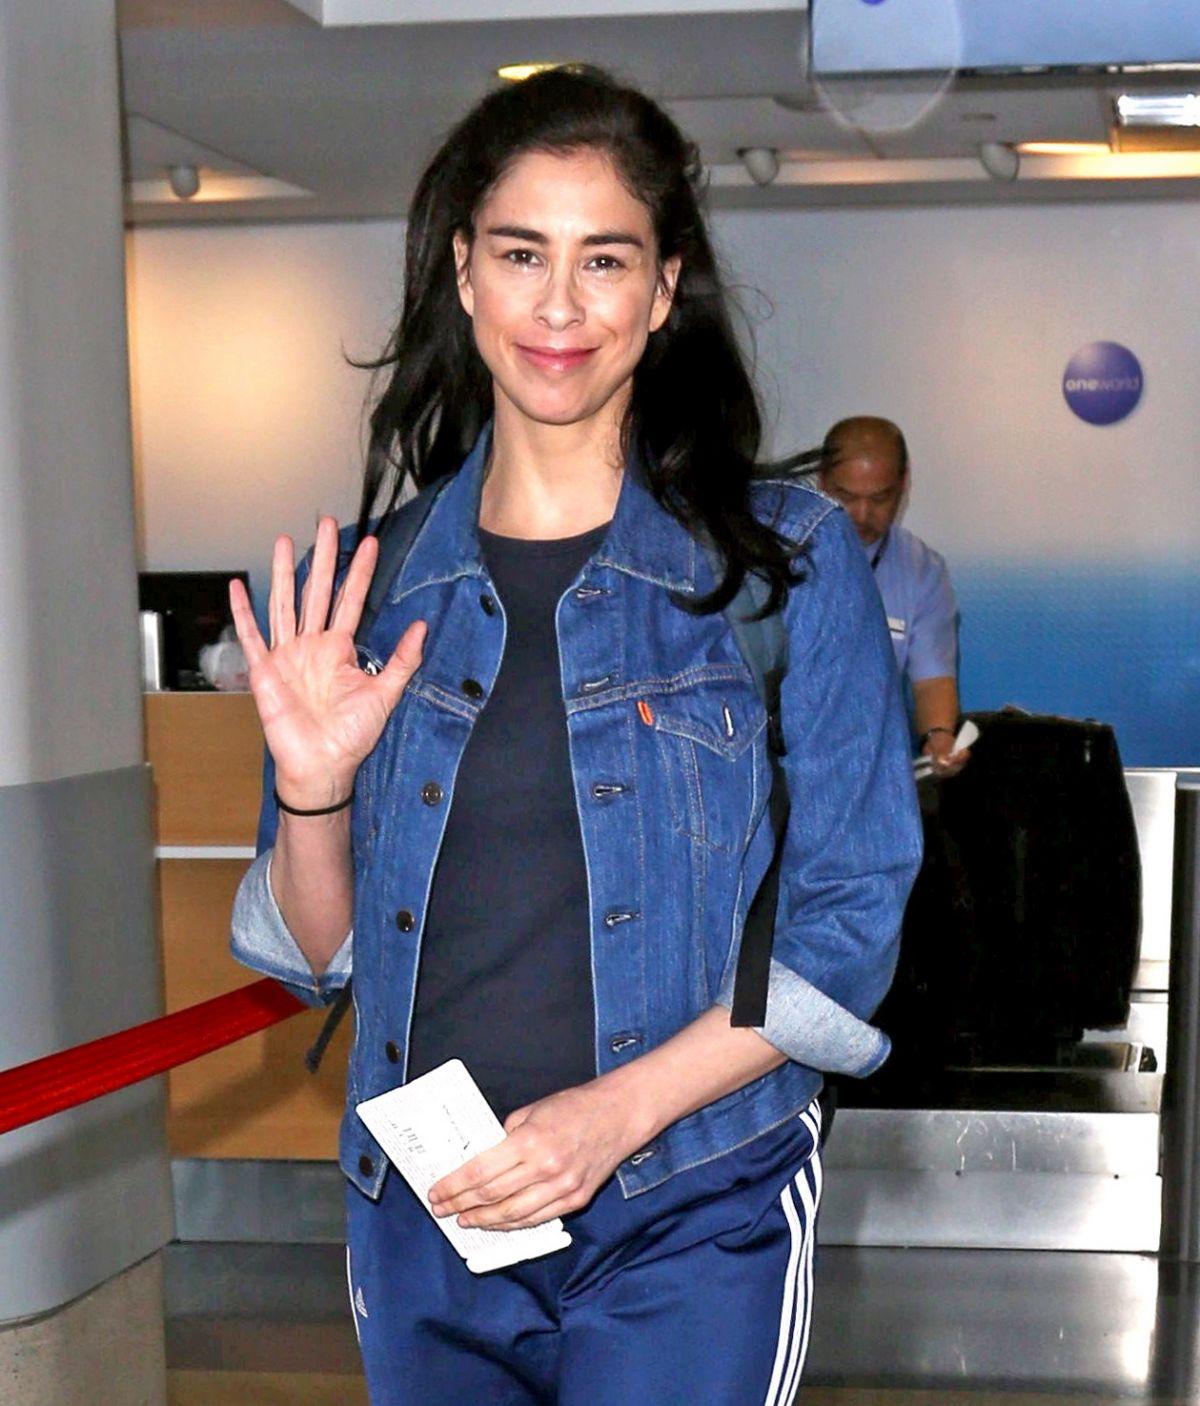 SARAH SILVERMAN at Los Angeles International Airport 04/13/2017